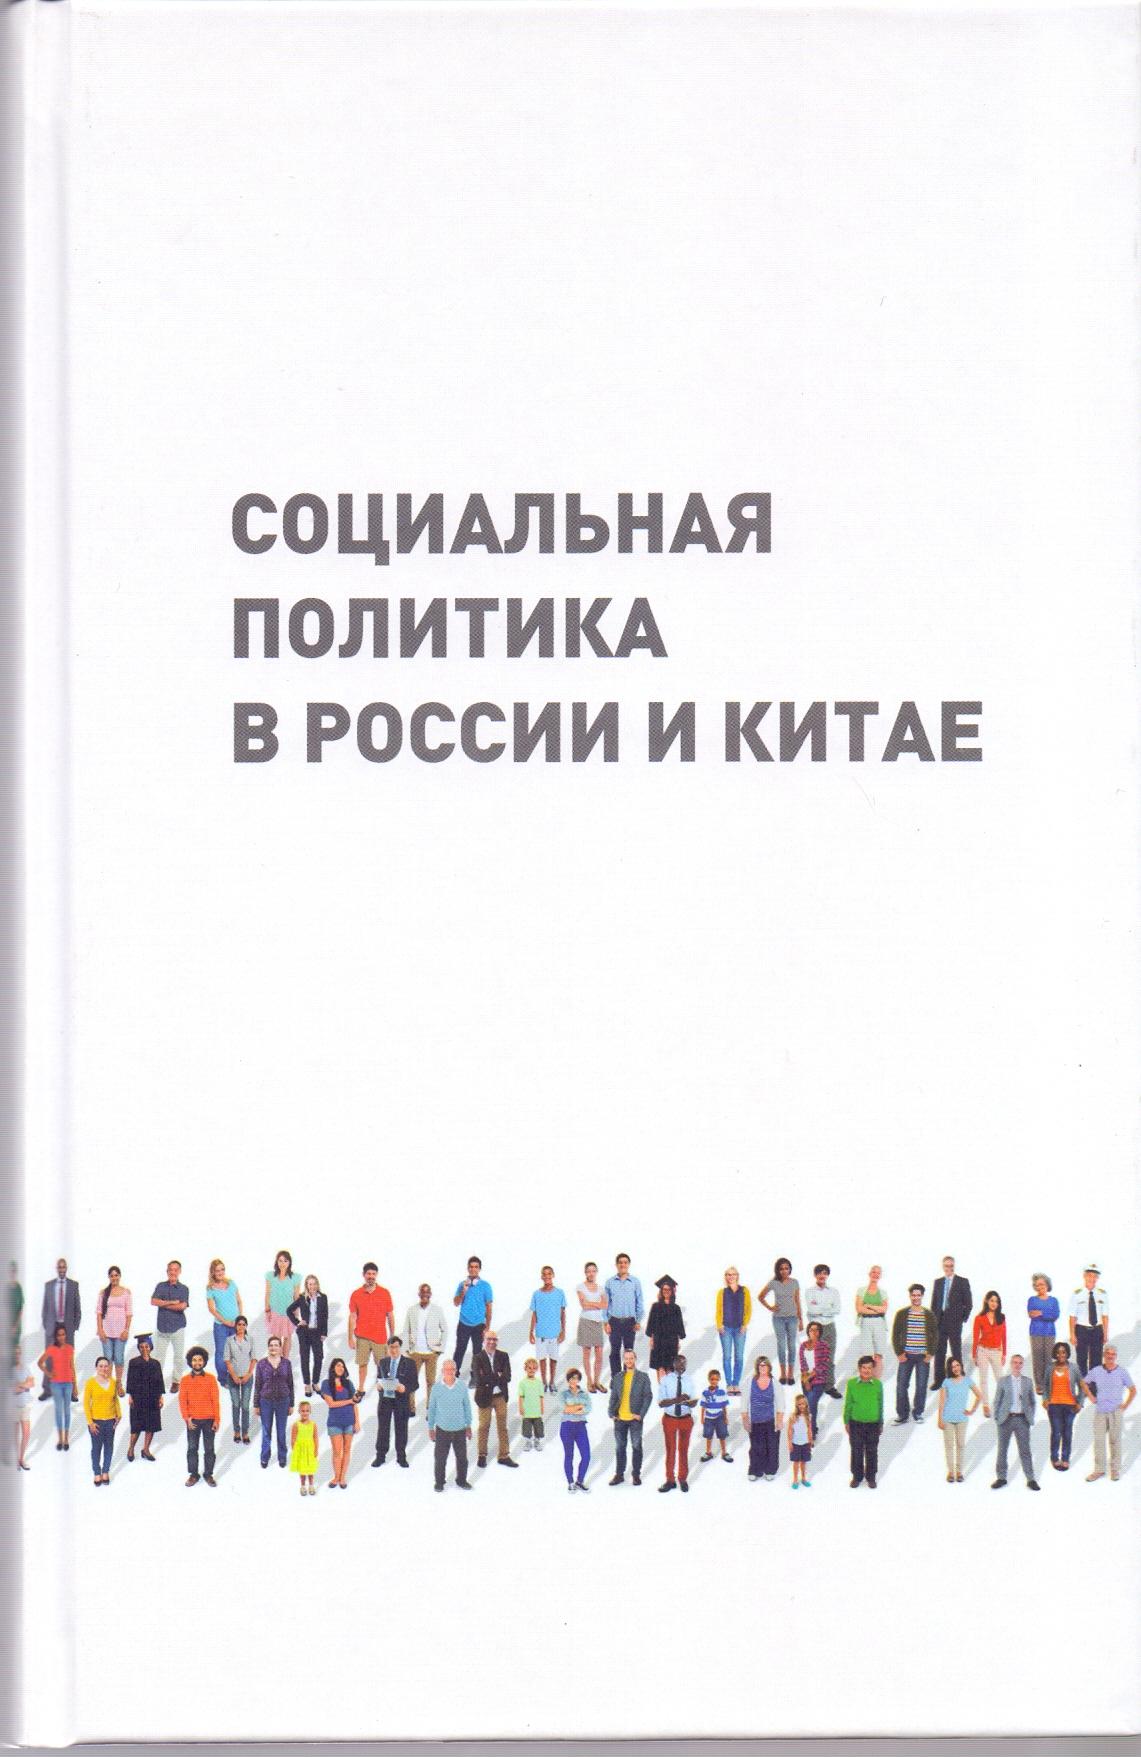 Социальная политика в России и Китае